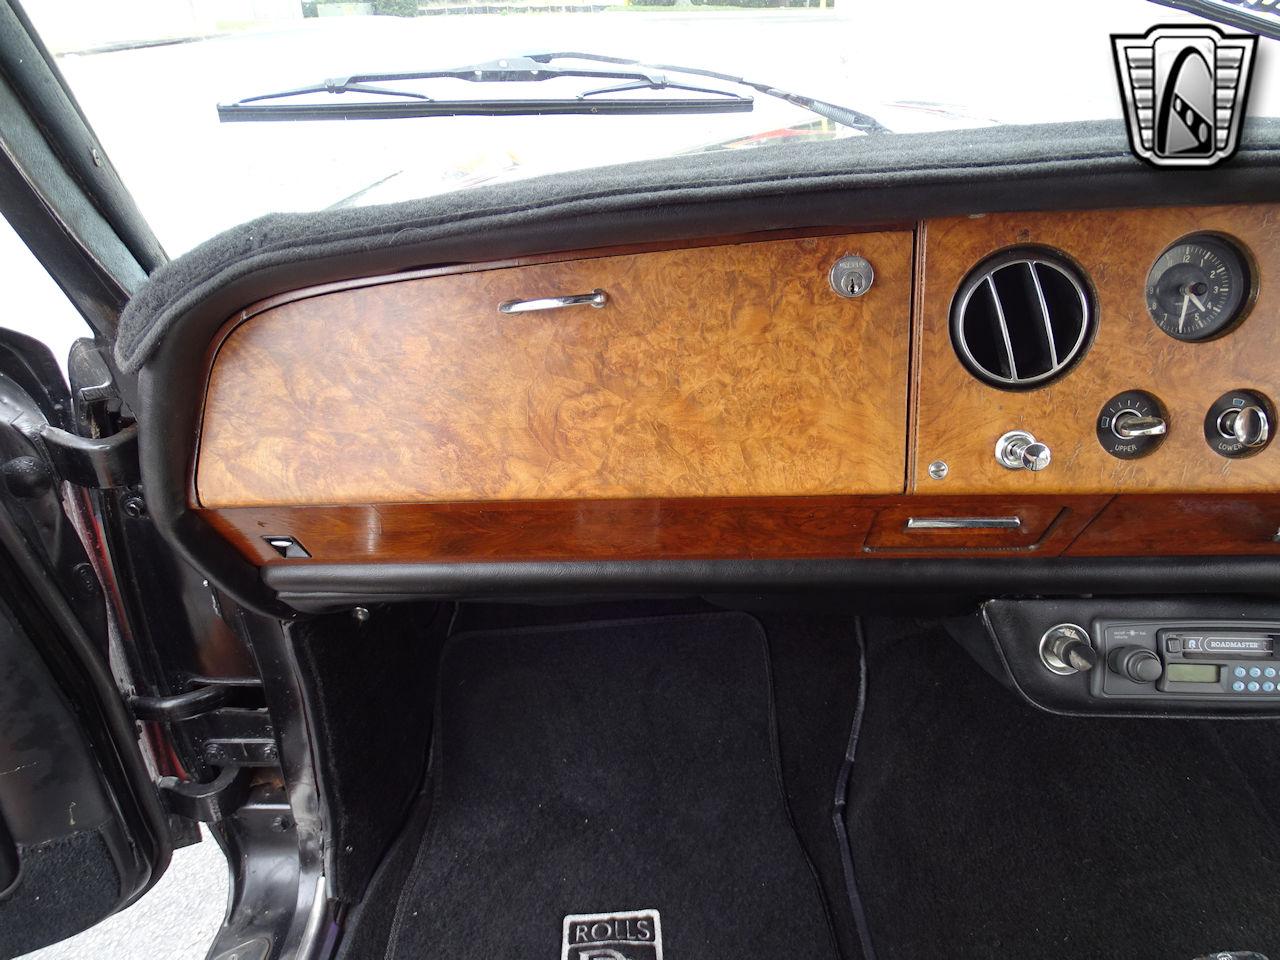 1967 Rolls Royce Silver Shadow 98